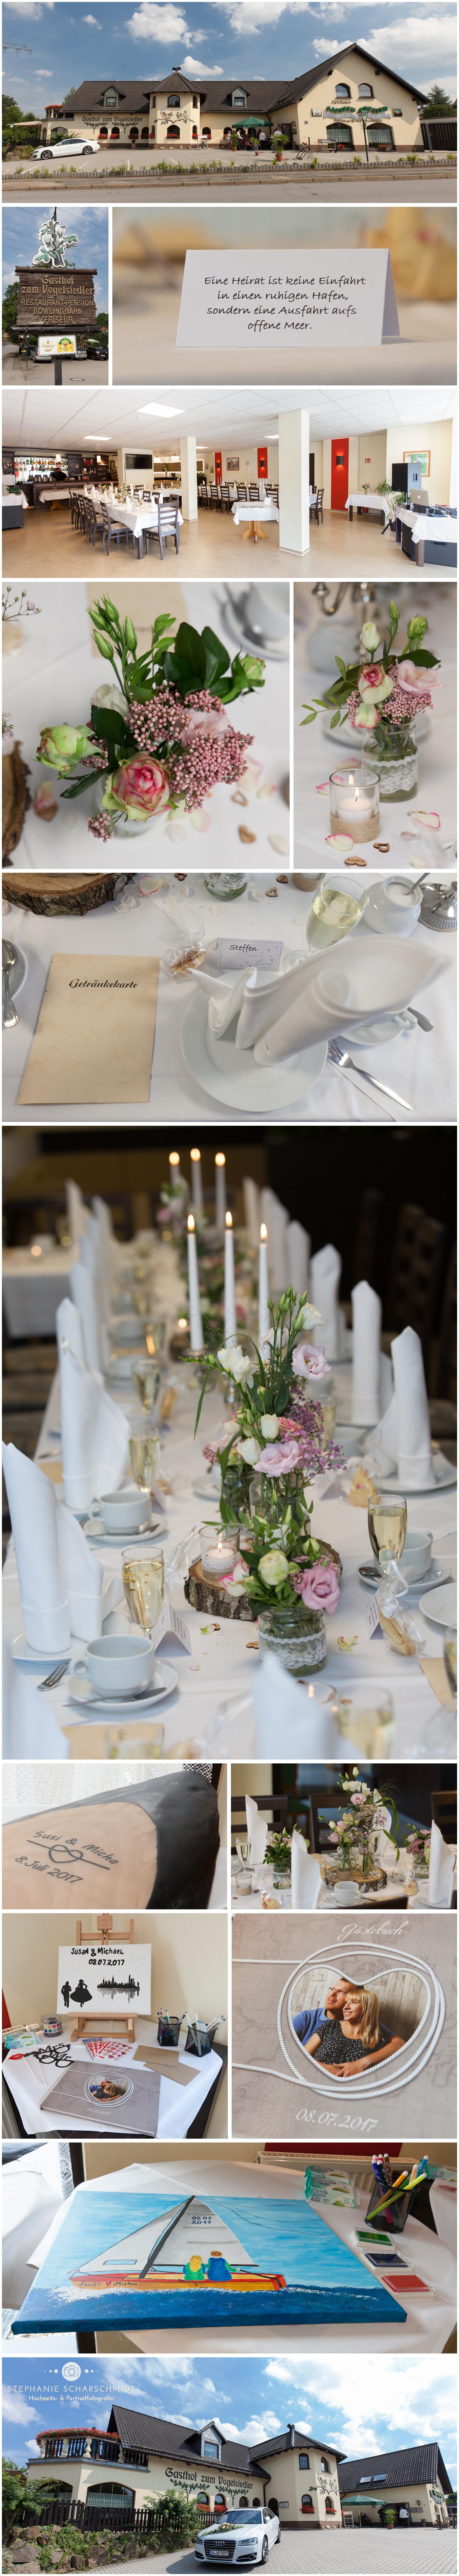 Hochzeit Gasthof zum Vogelsiedler Zwickau – Hochzeitsdekoration – Fotograf Zwickau Stephanie Scharschmidt